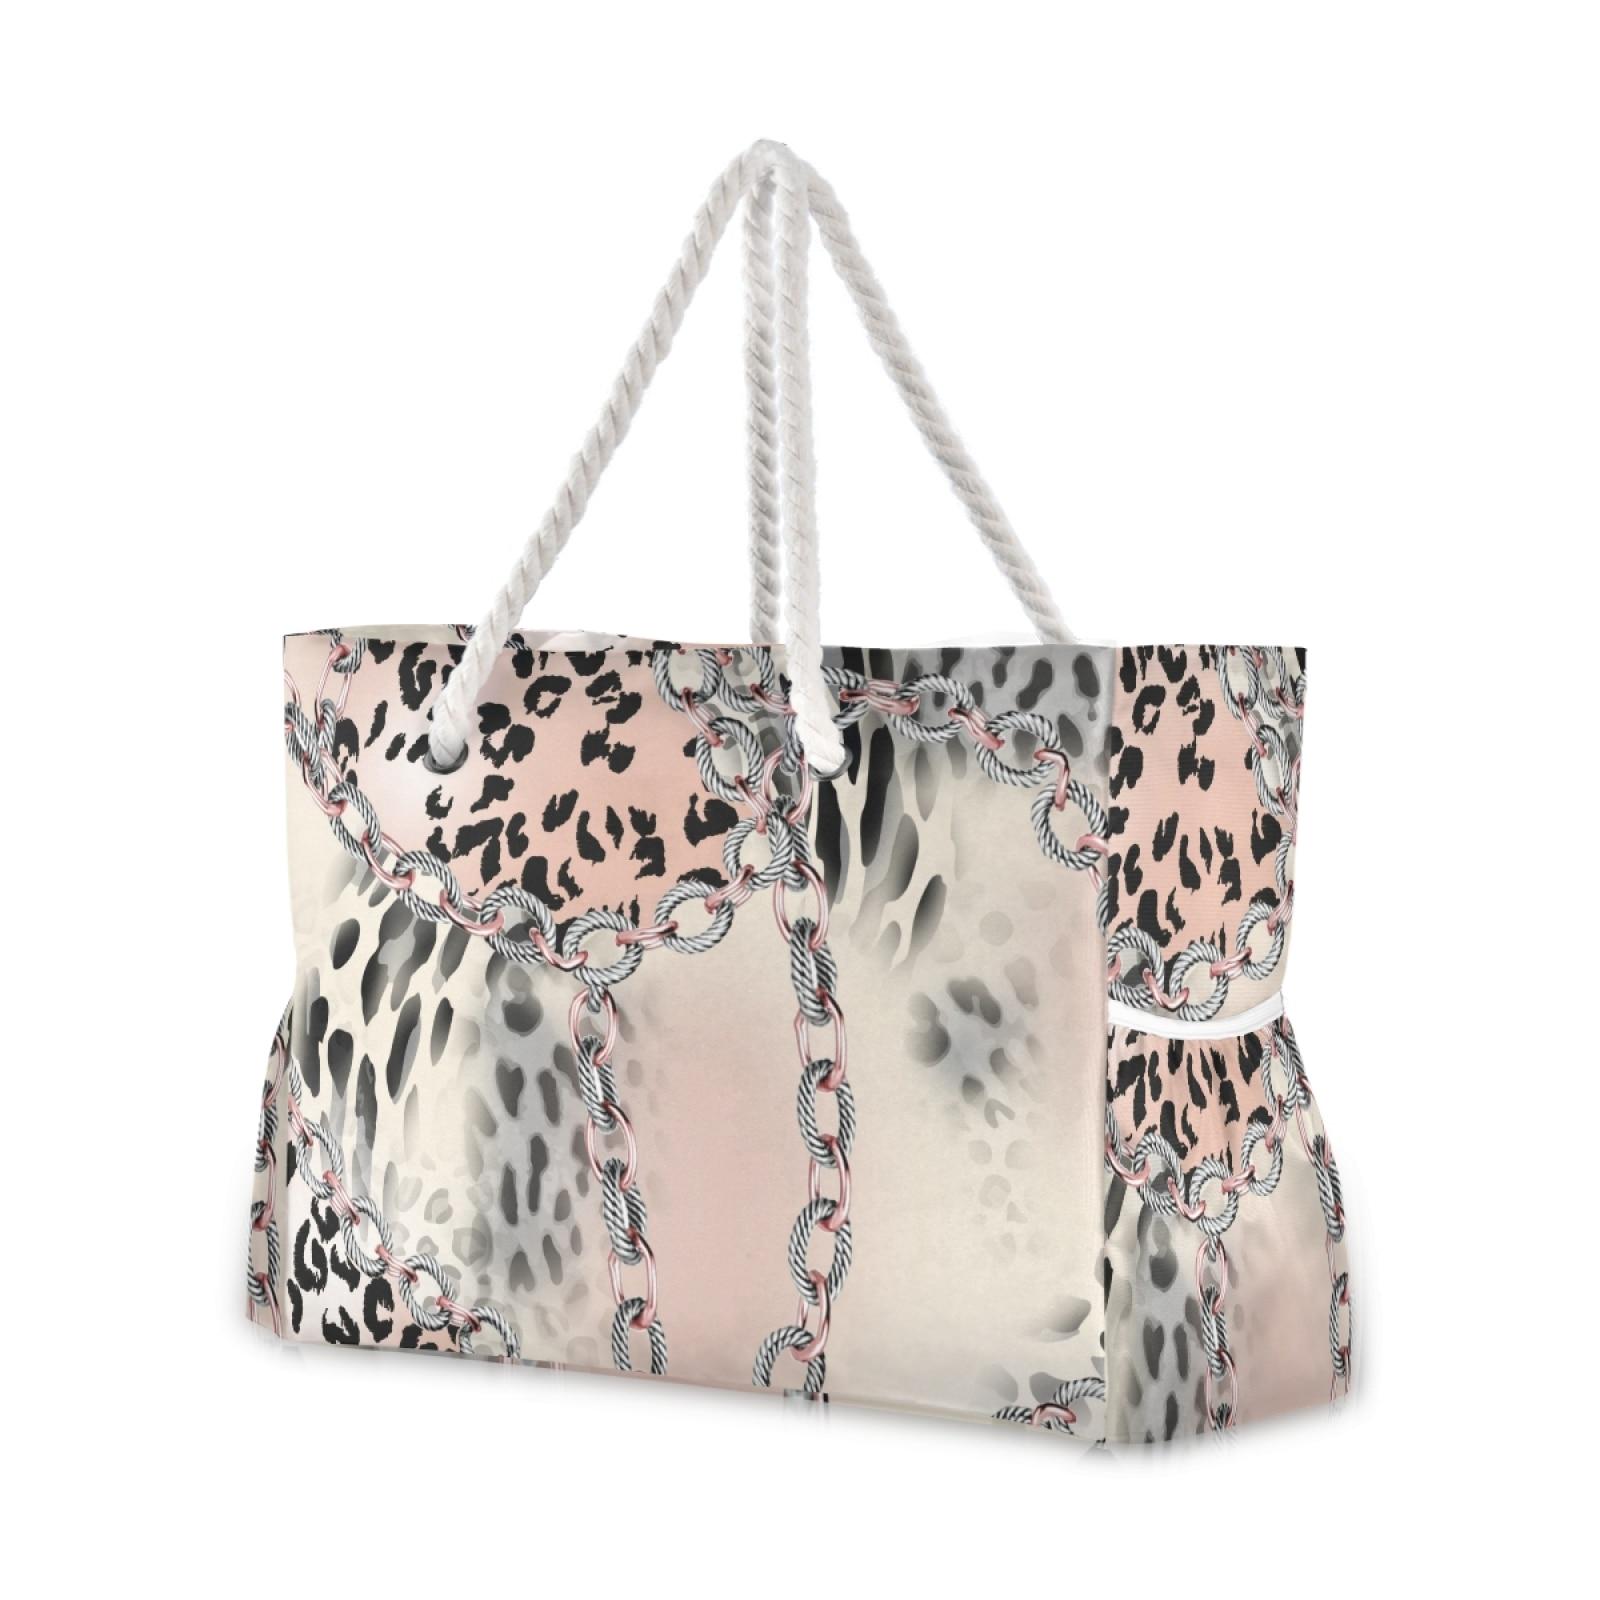 المرأة 2021 جديد ليوبارد طباعة حقيبة شاطئية حقيبة كتف مفردة عصرية خفيفة الوزن كل مباراة حقيبة تسوق حقيبة شاطئية